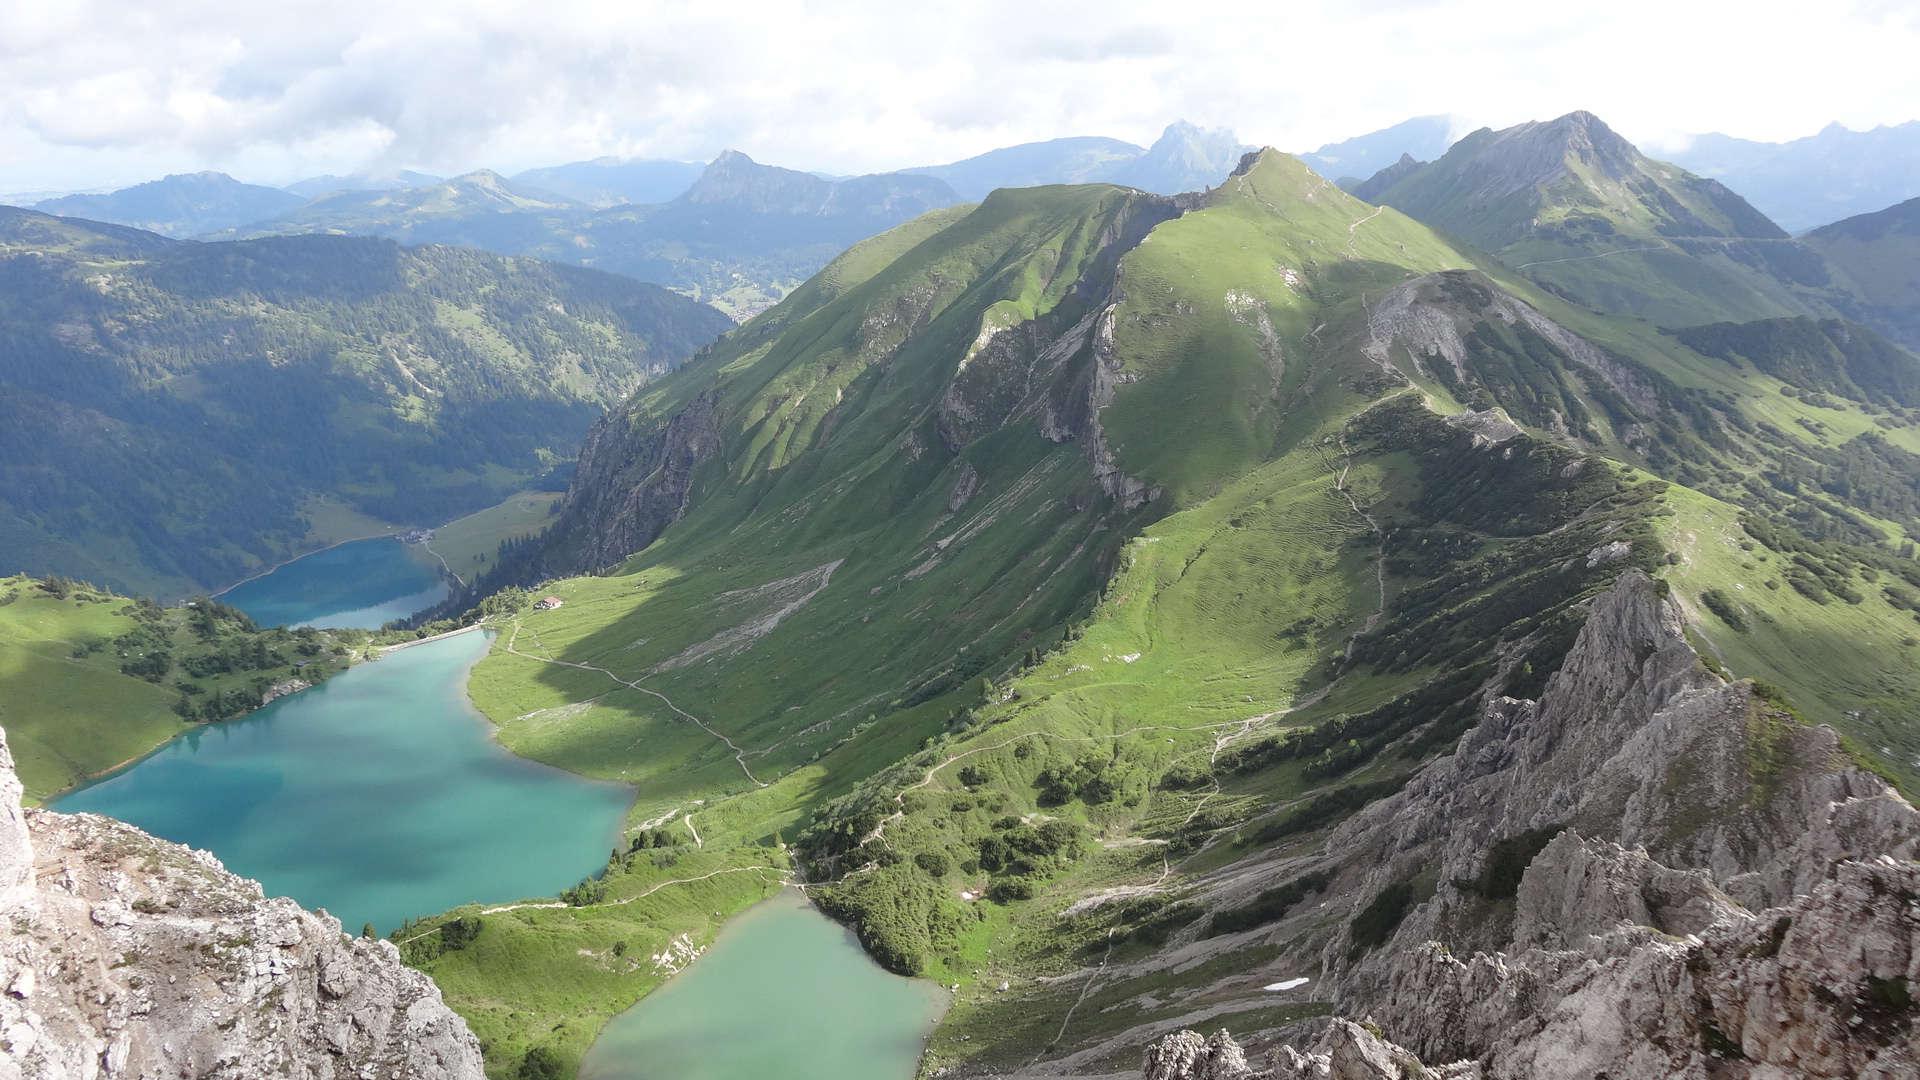 Klettersteig Lachenspitze : Bergtour: leilachspitze rote spitze steinkarspitze lachenspitze